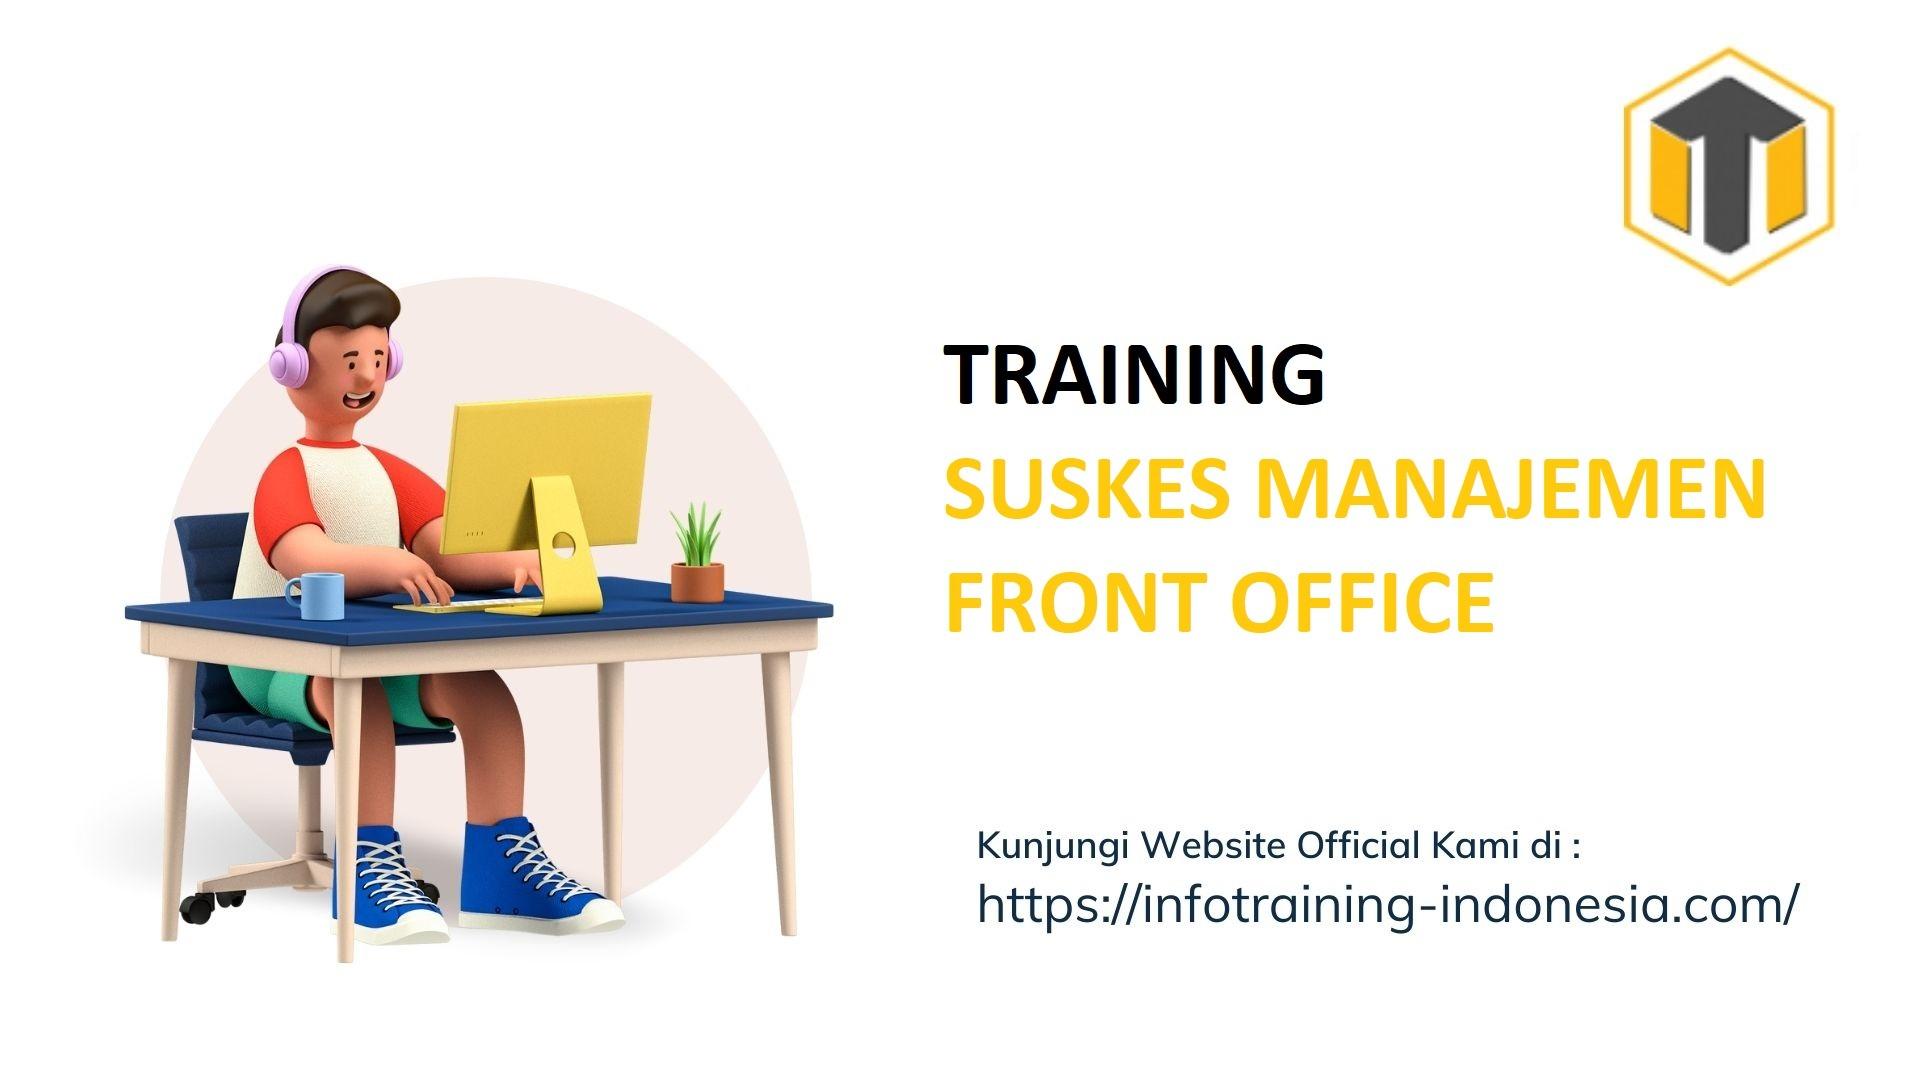 TRAINING SUSKES MANAJEMEN FRONT OFFICE Manajemen